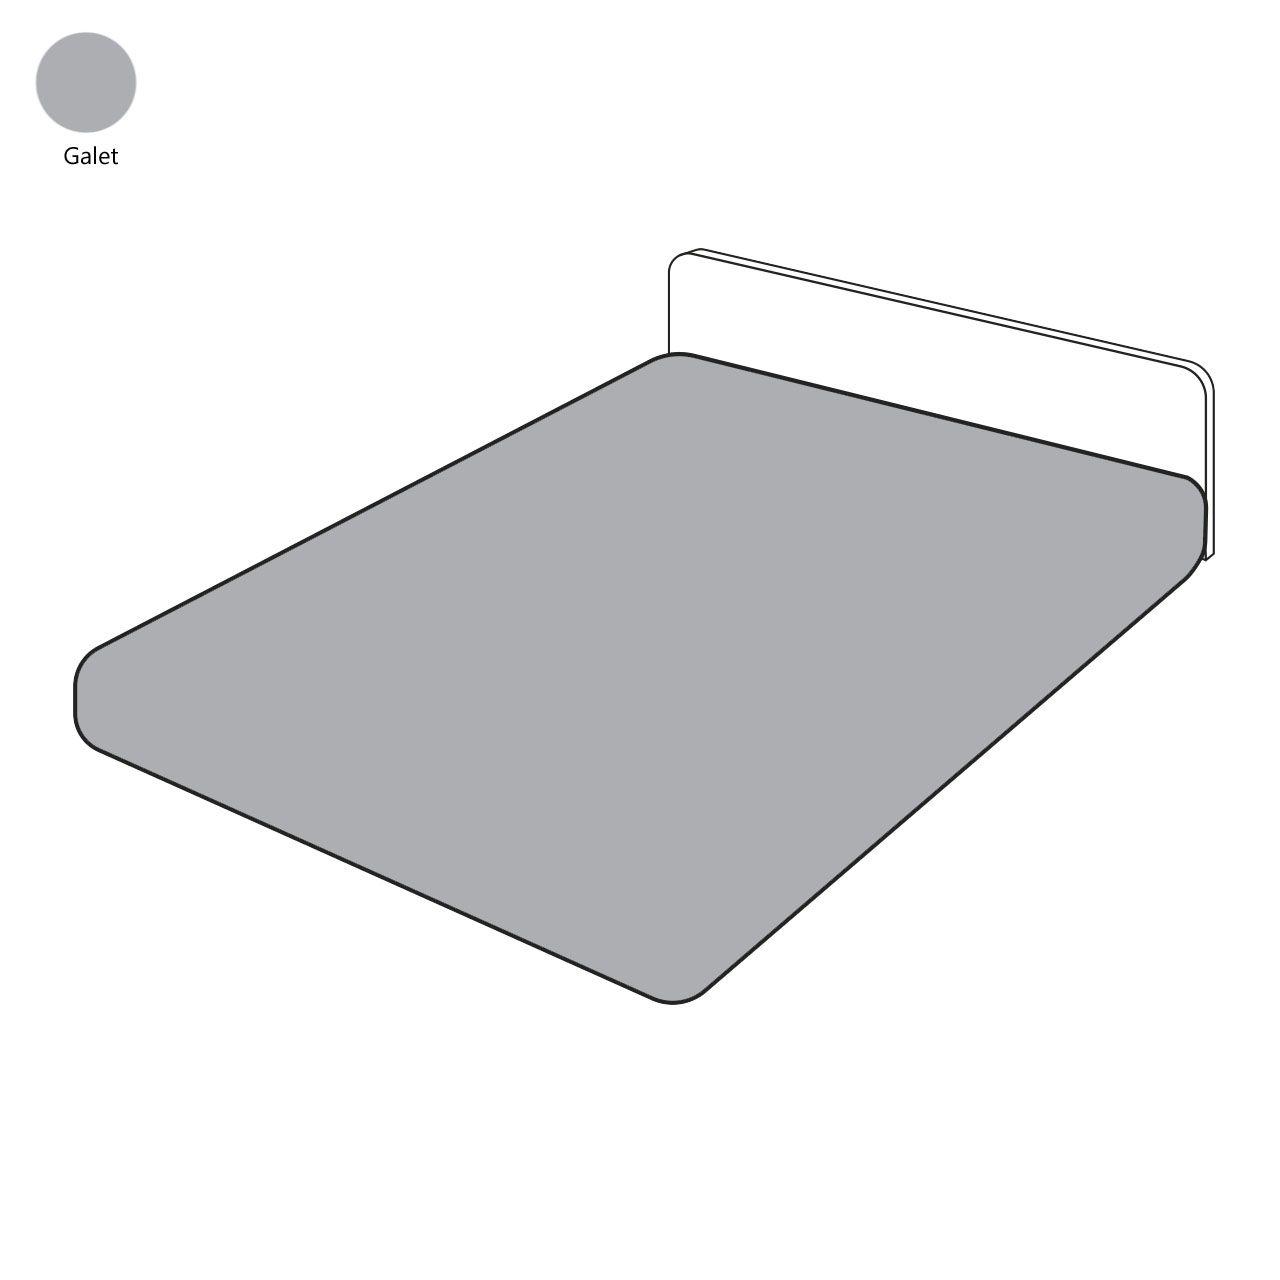 drap housse uni galet percale 140x200 sylvie thiriez. Black Bedroom Furniture Sets. Home Design Ideas